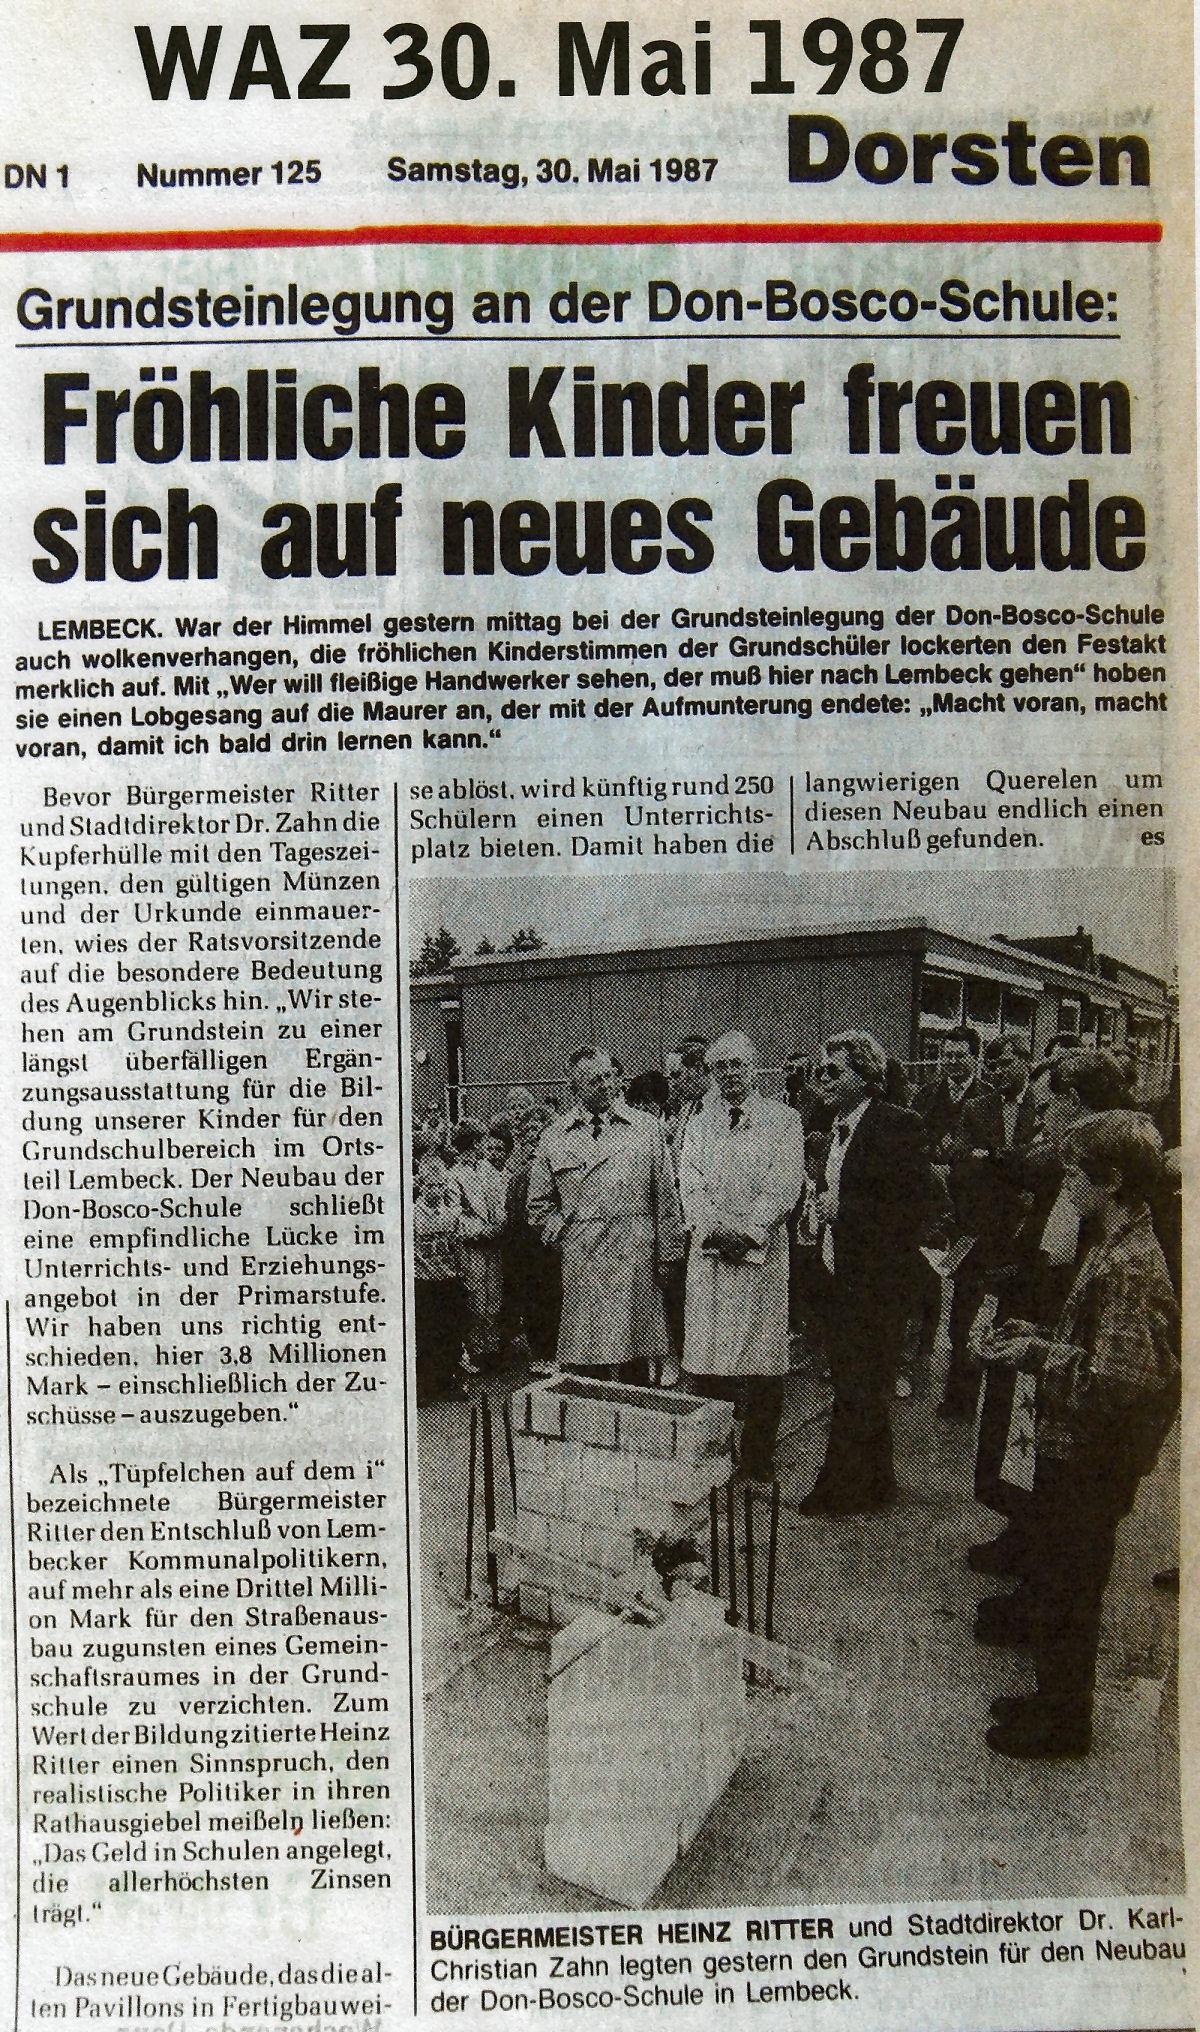 19870530_Grundsteinlegung_Donboscoschule